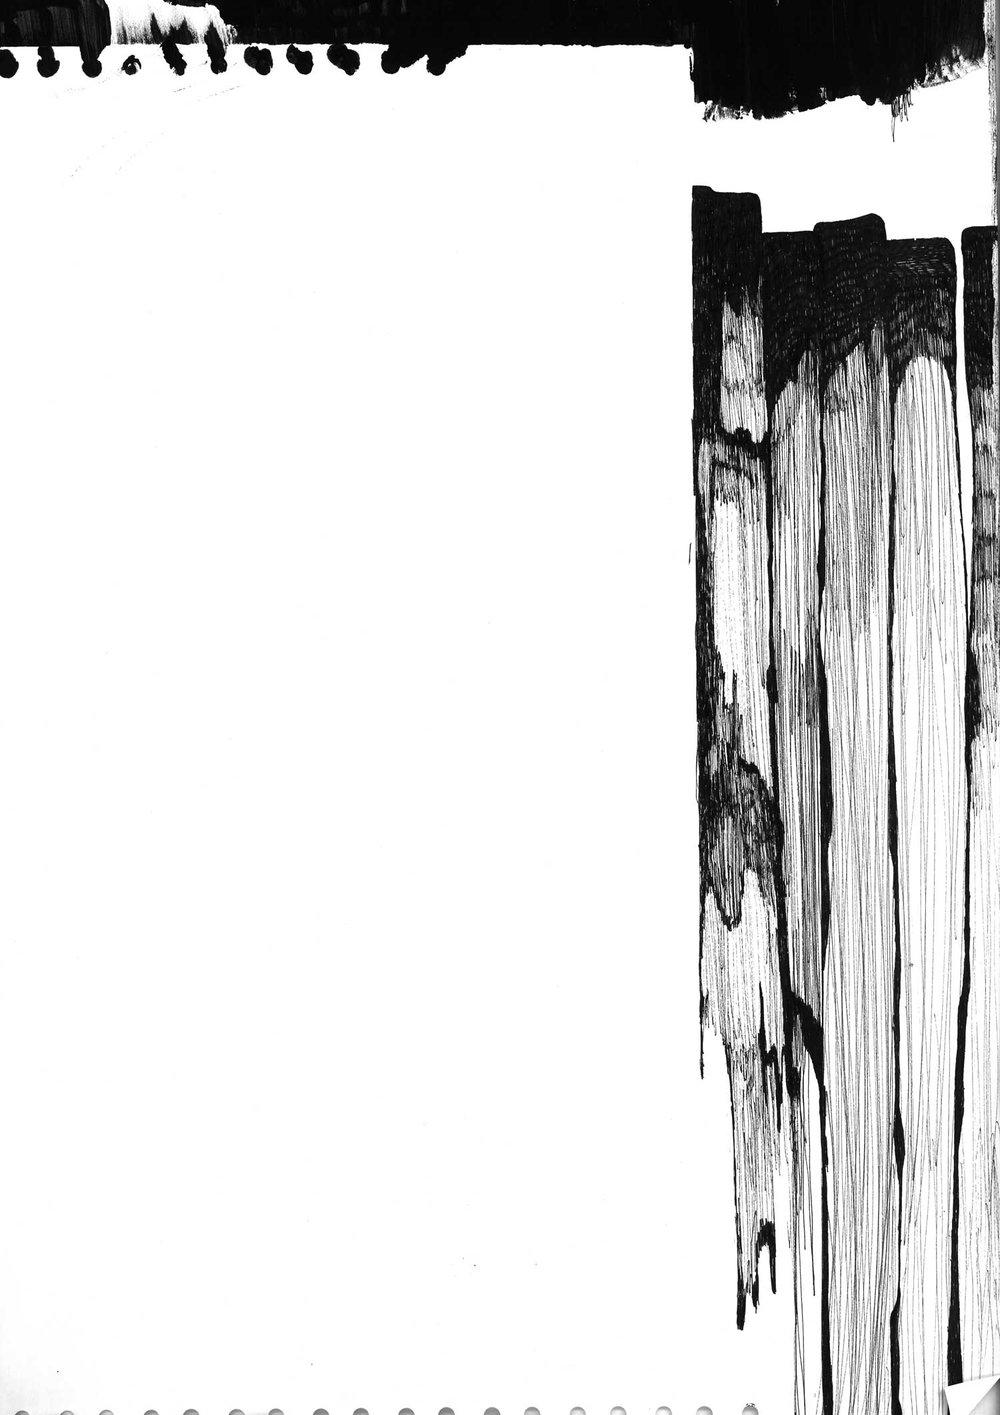 ink, pen (42x60 cm)